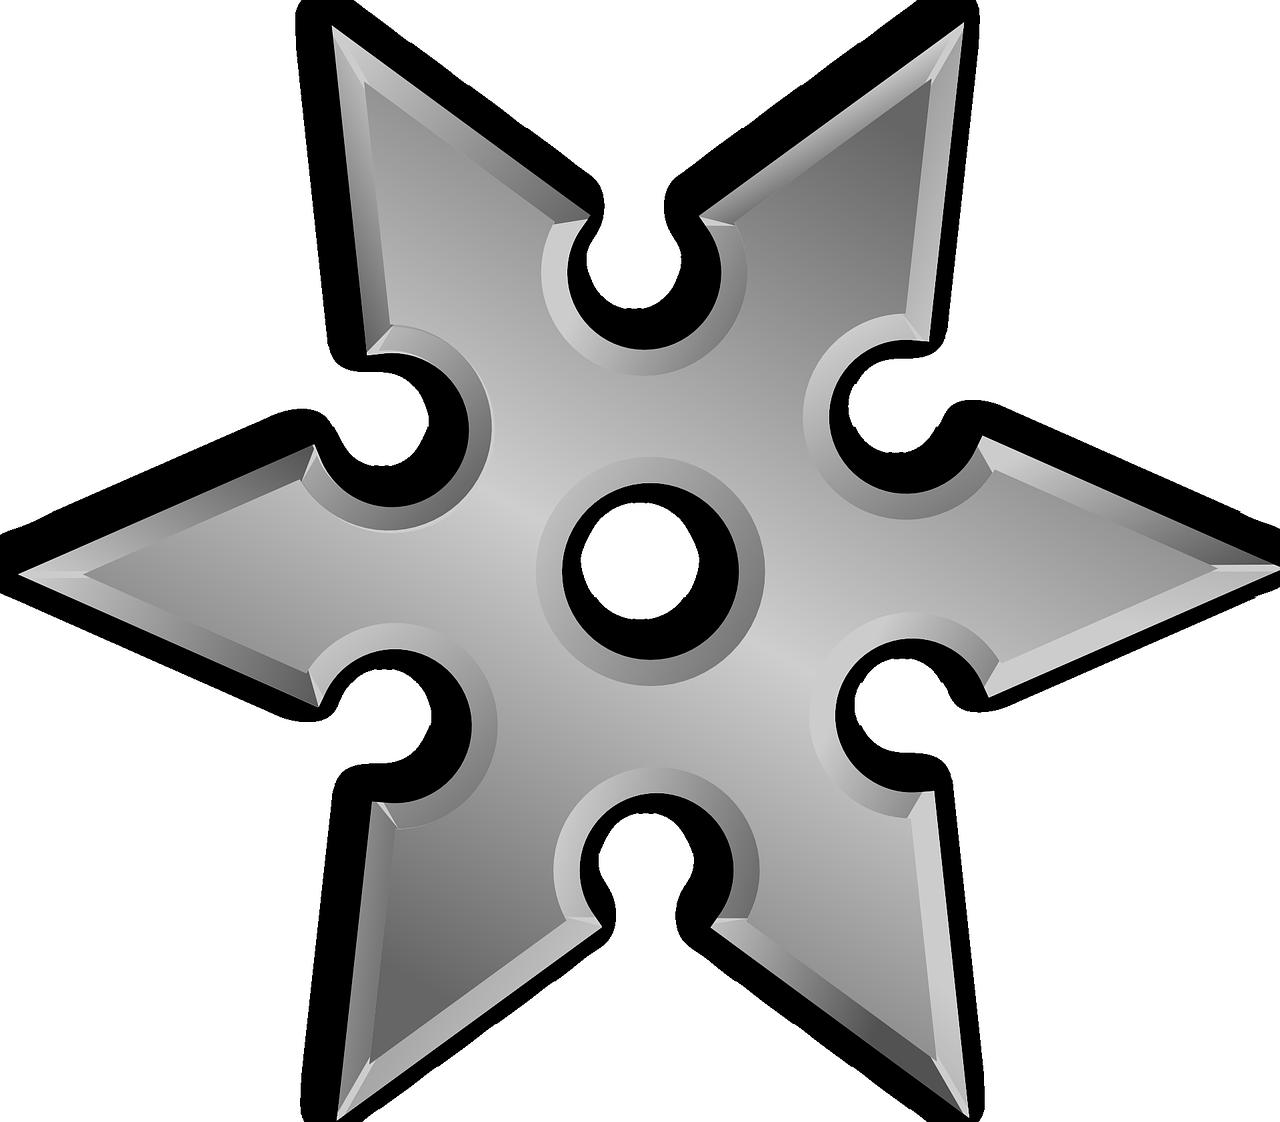 Shuriken 6 PNG Image